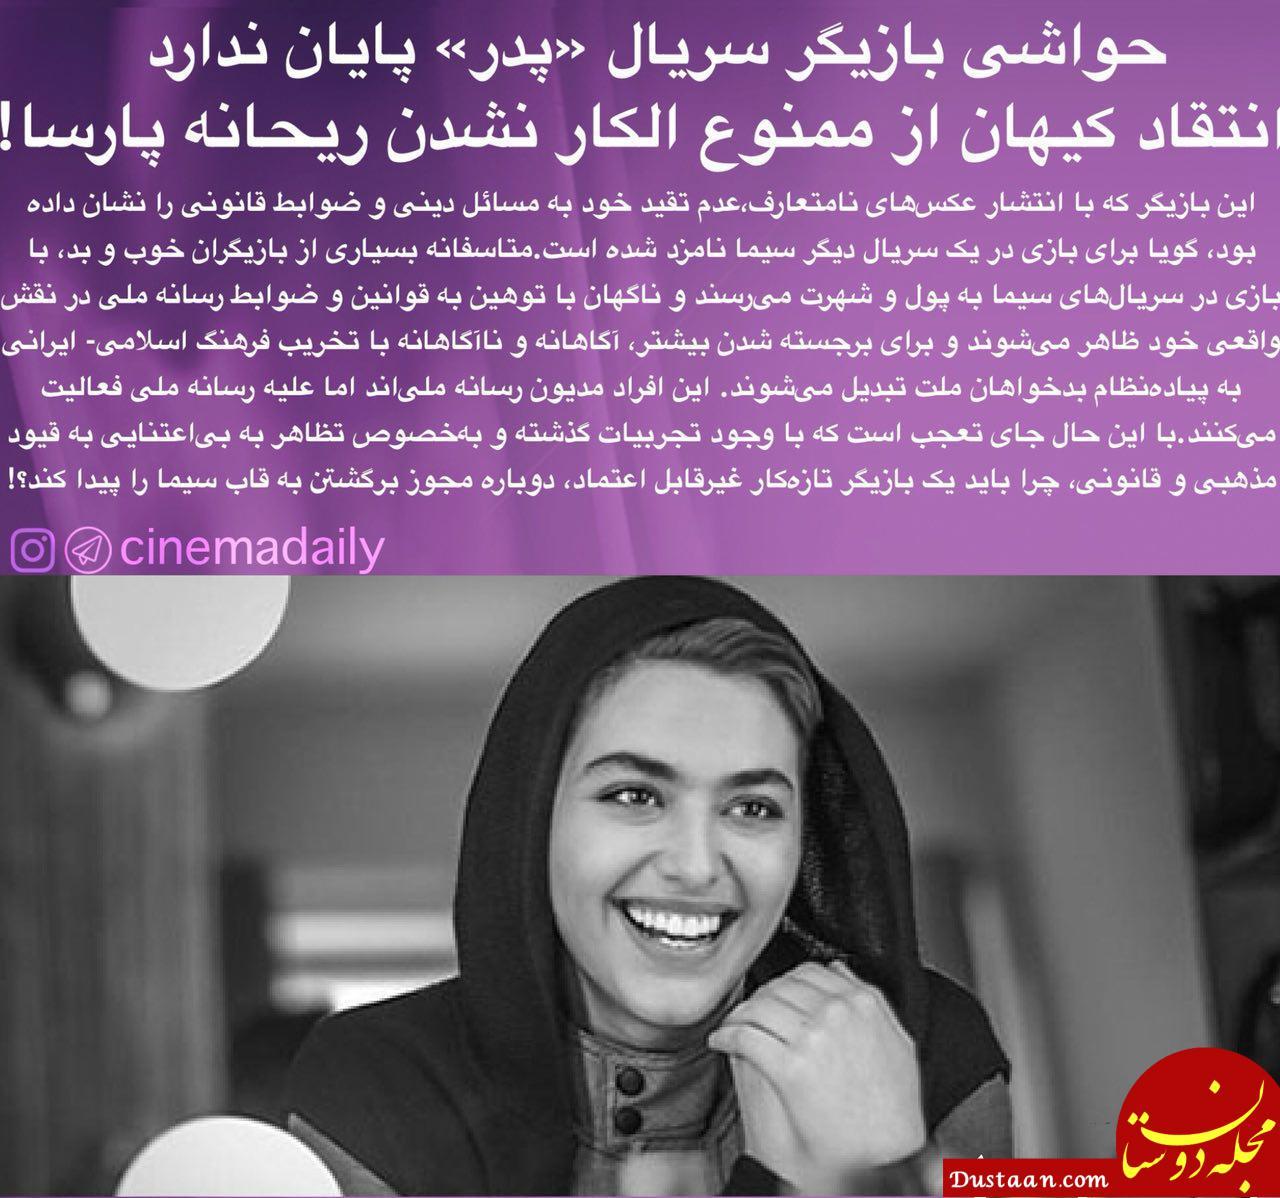 انتقاد کیهان از ممنوع الکار نشدن بازیگر سریال «پدر»